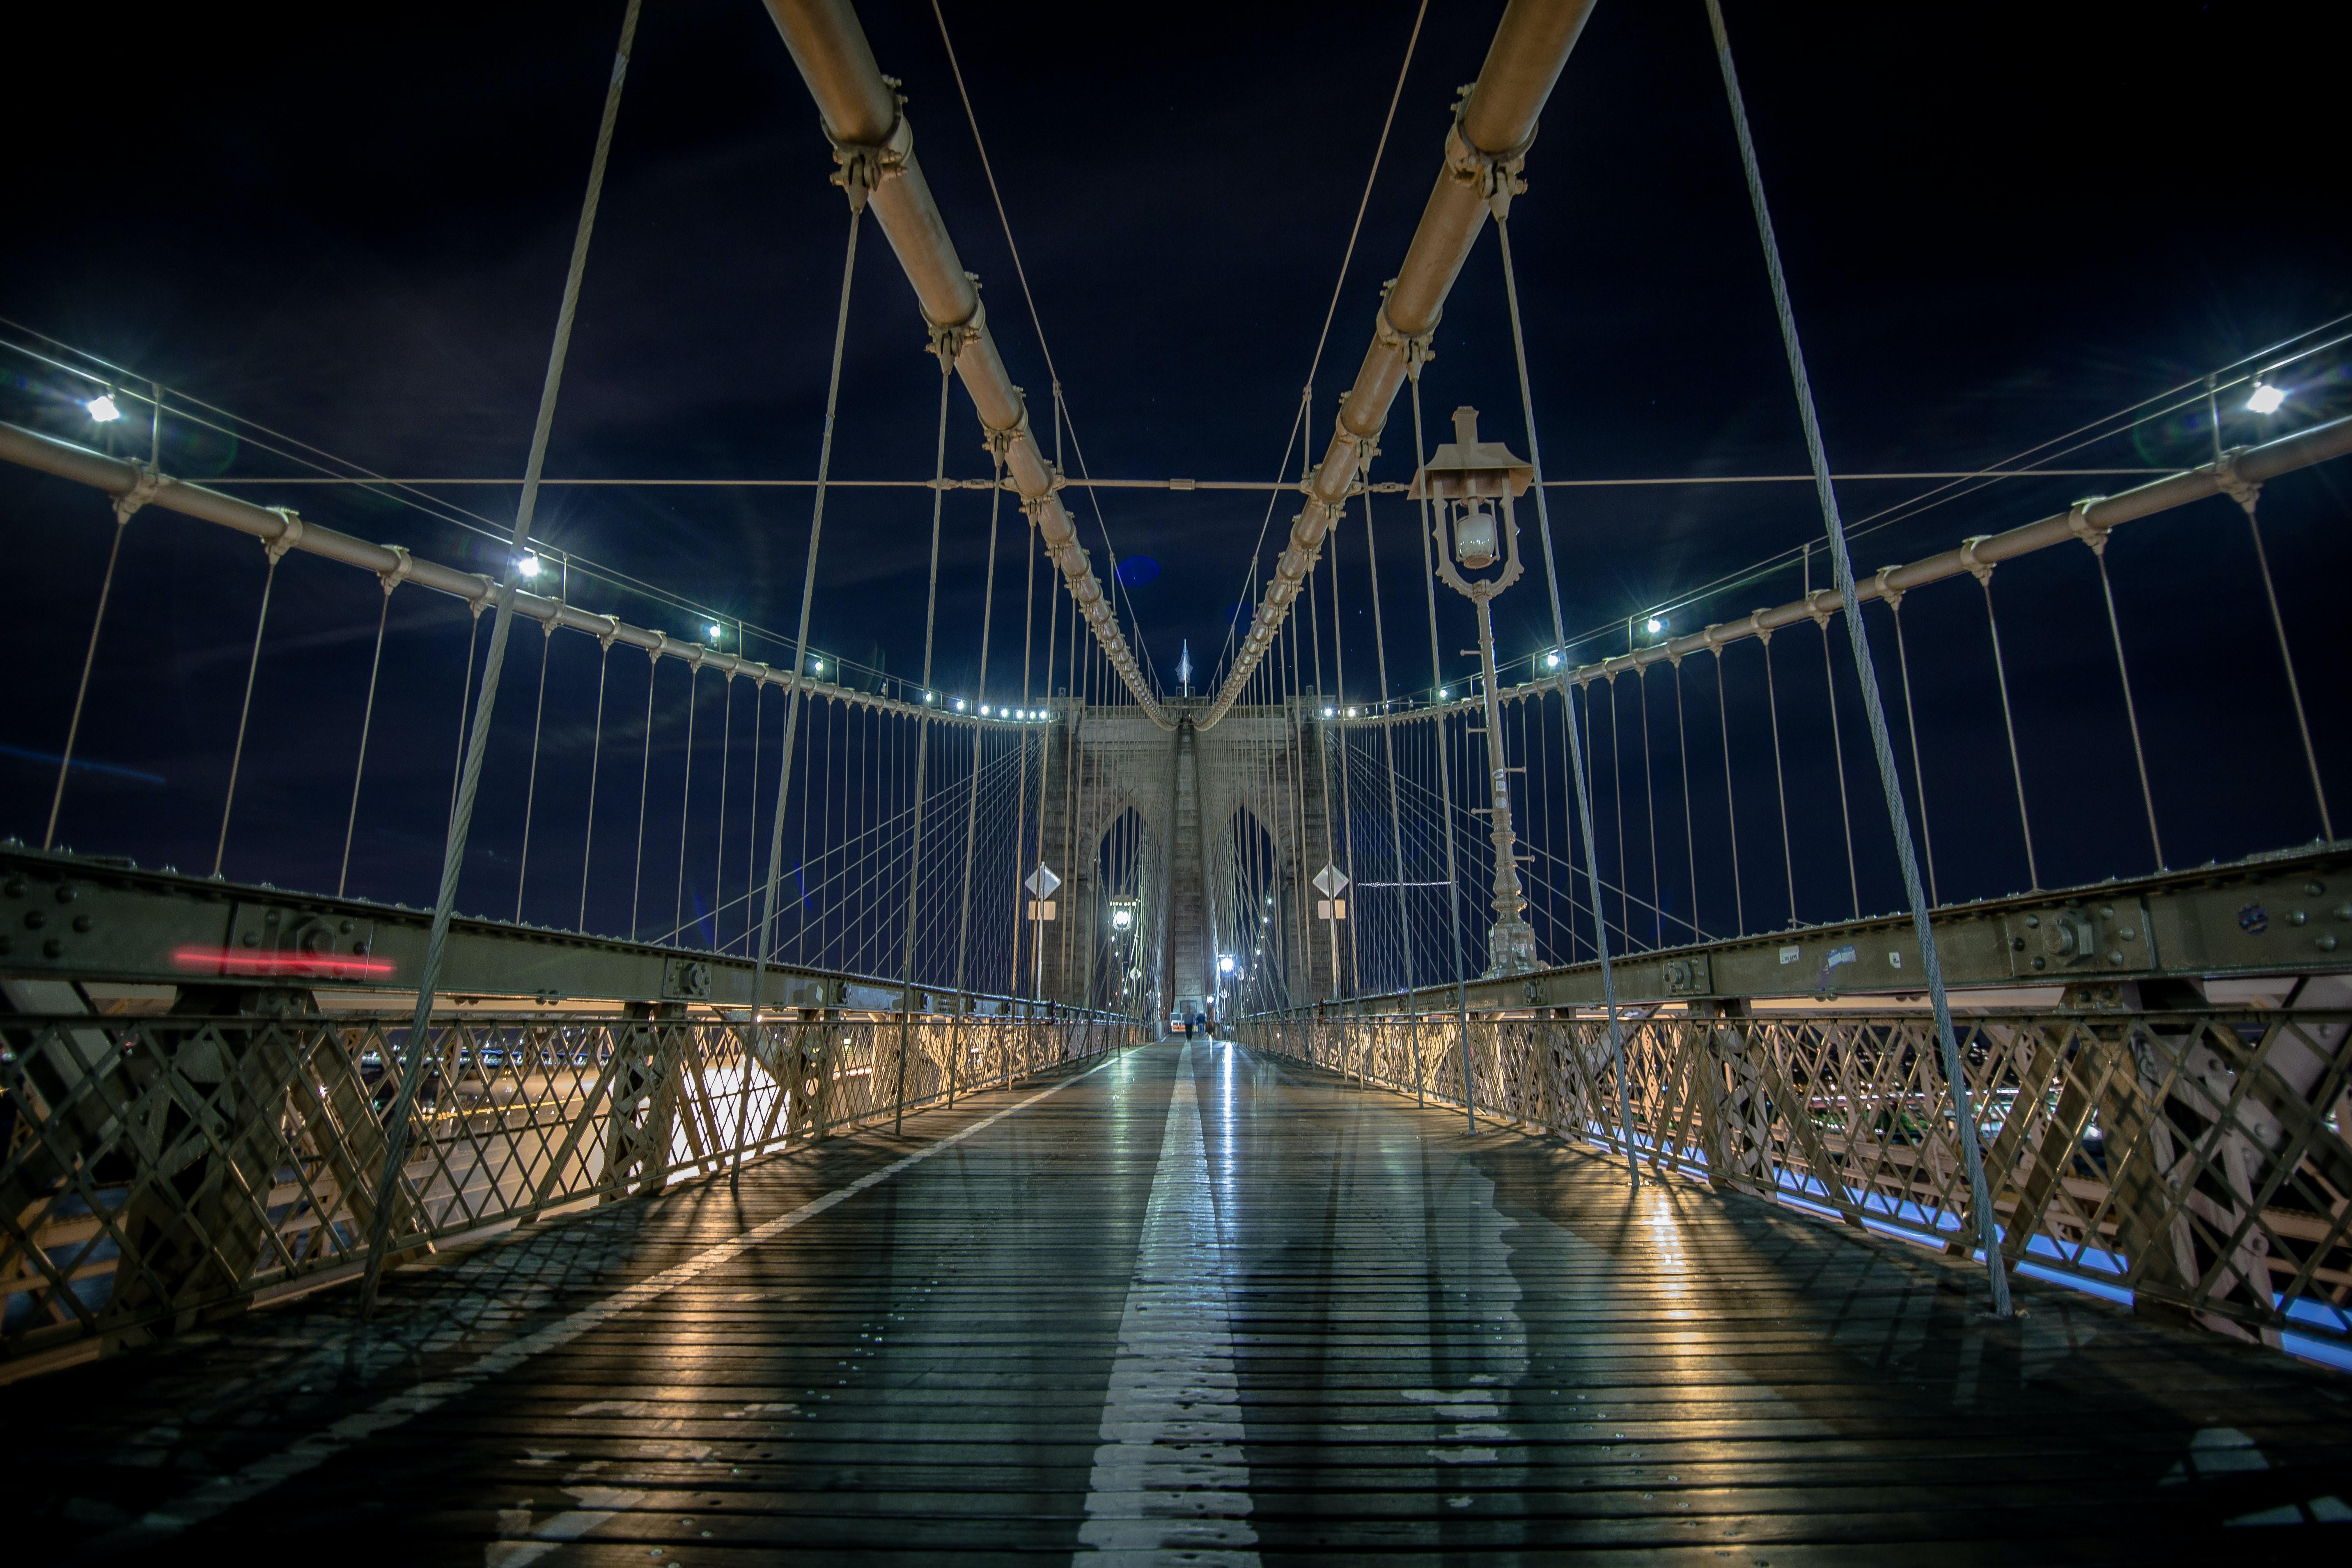 Brooklyn bridge during night time